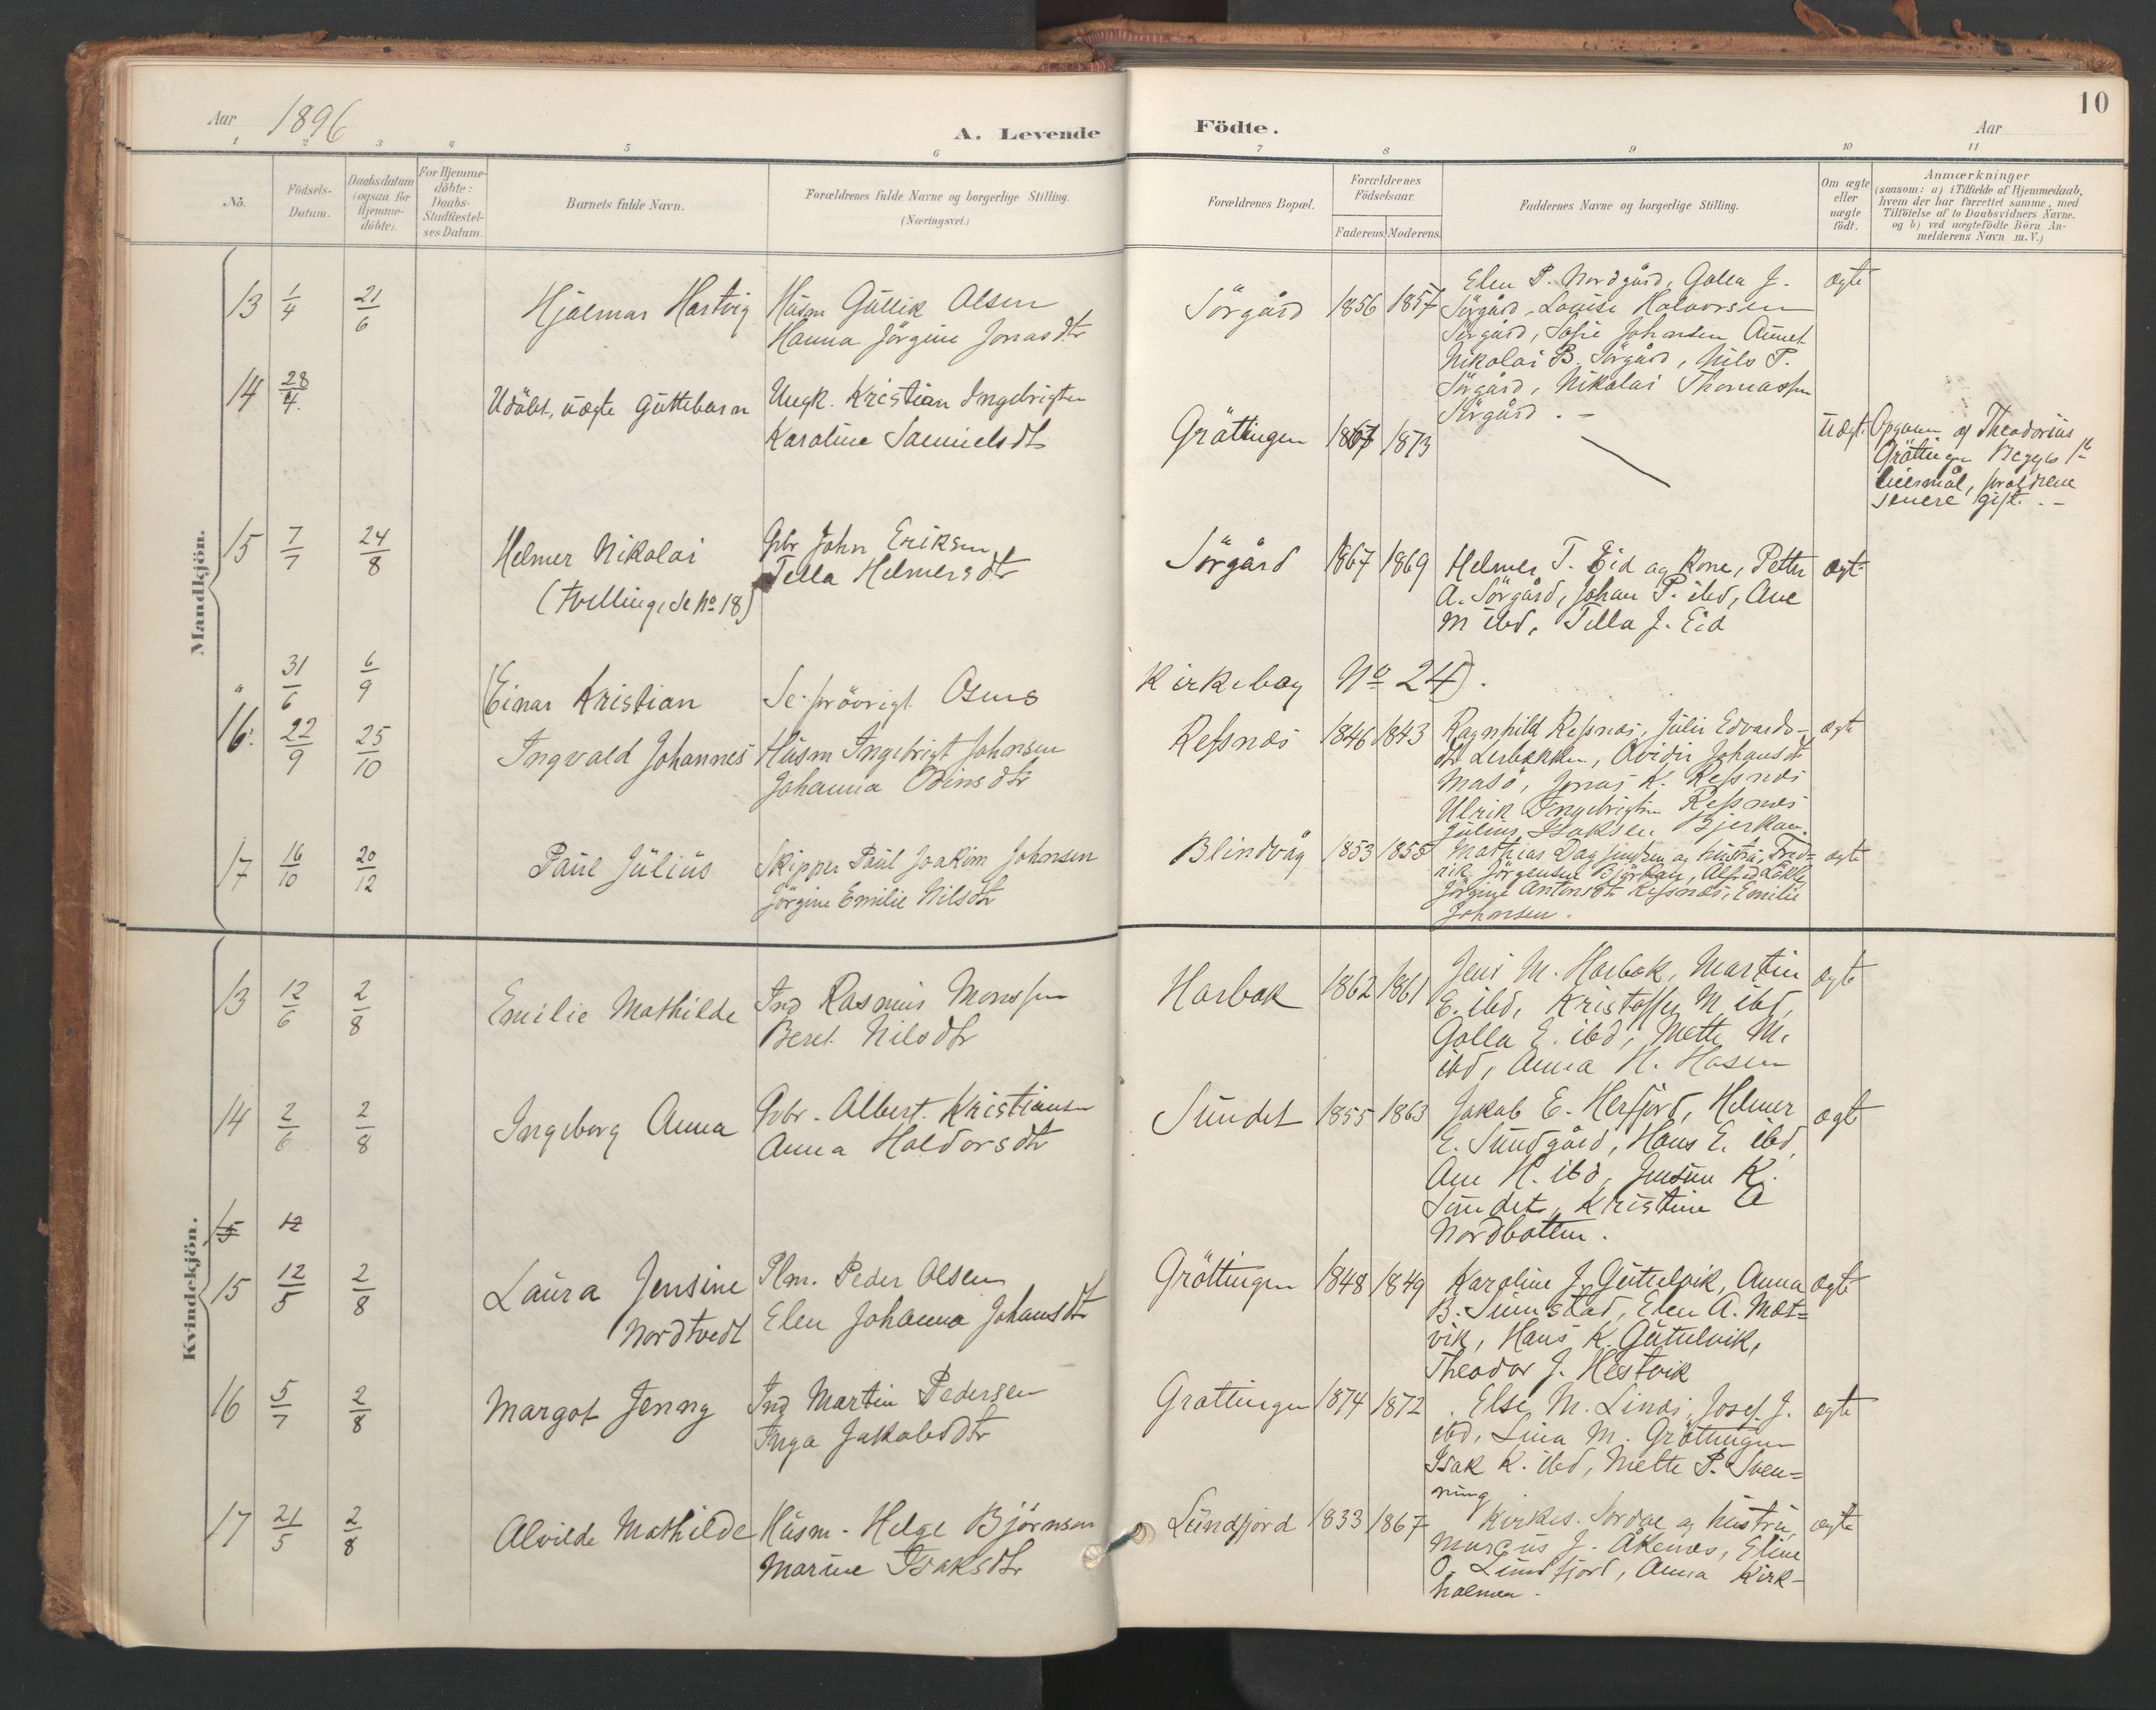 SAT, Ministerialprotokoller, klokkerbøker og fødselsregistre - Sør-Trøndelag, 656/L0693: Ministerialbok nr. 656A02, 1894-1913, s. 10